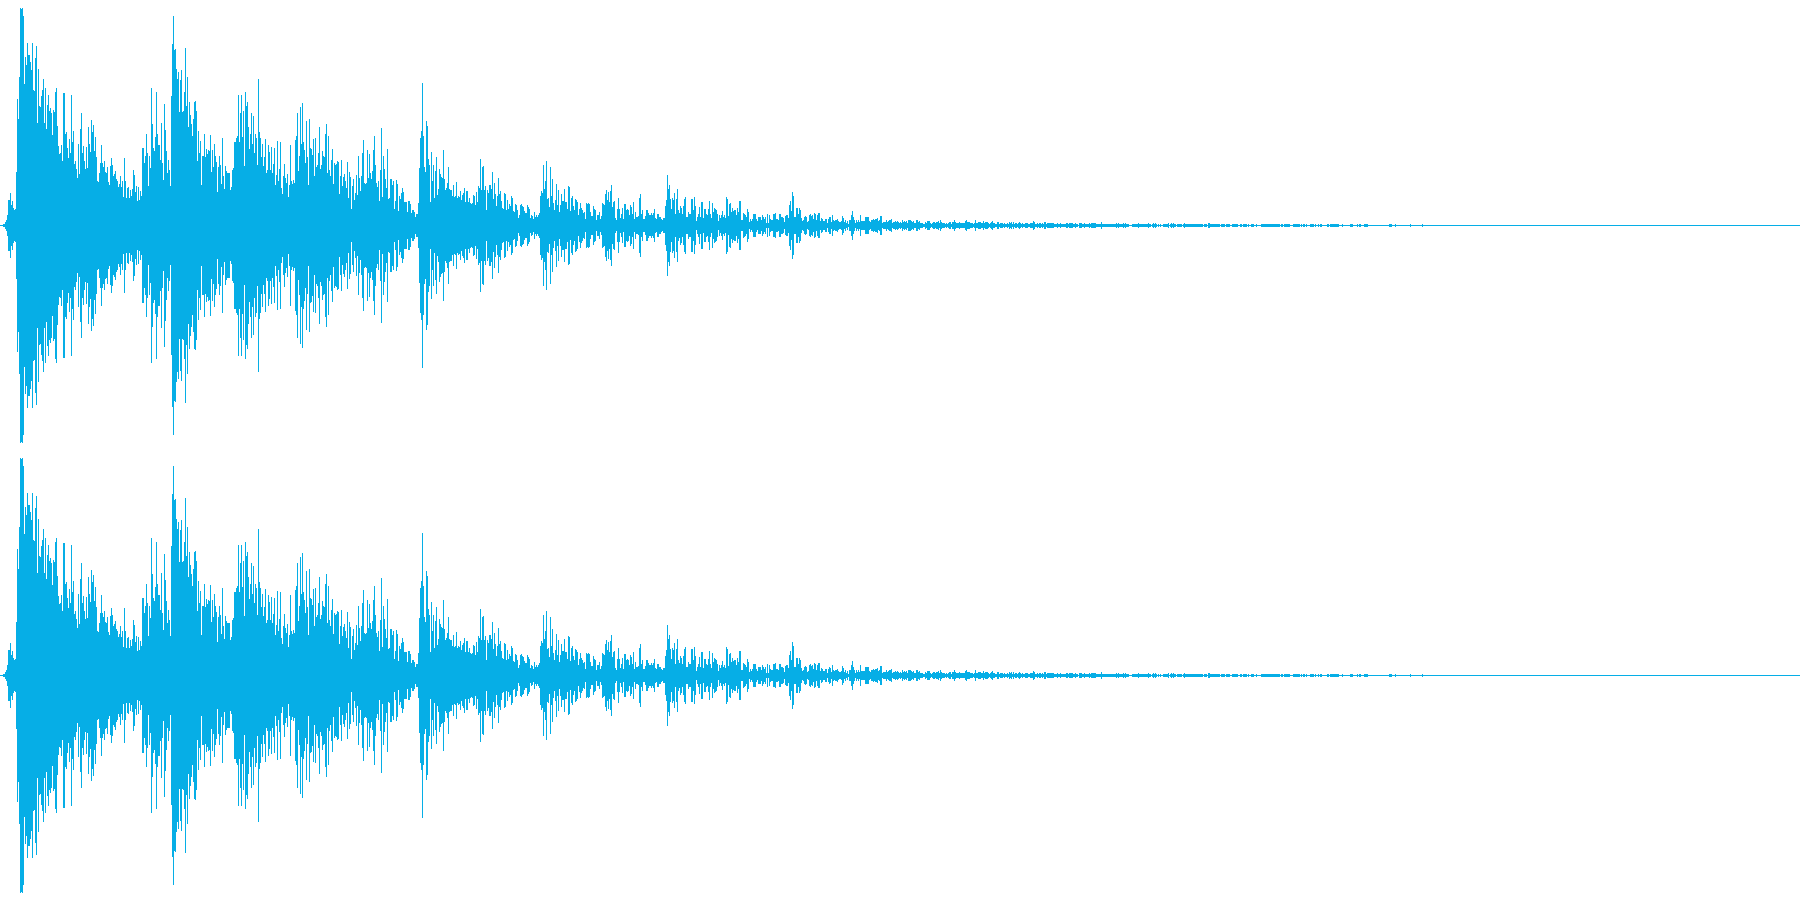 キャンセルのイメージの再生済みの波形